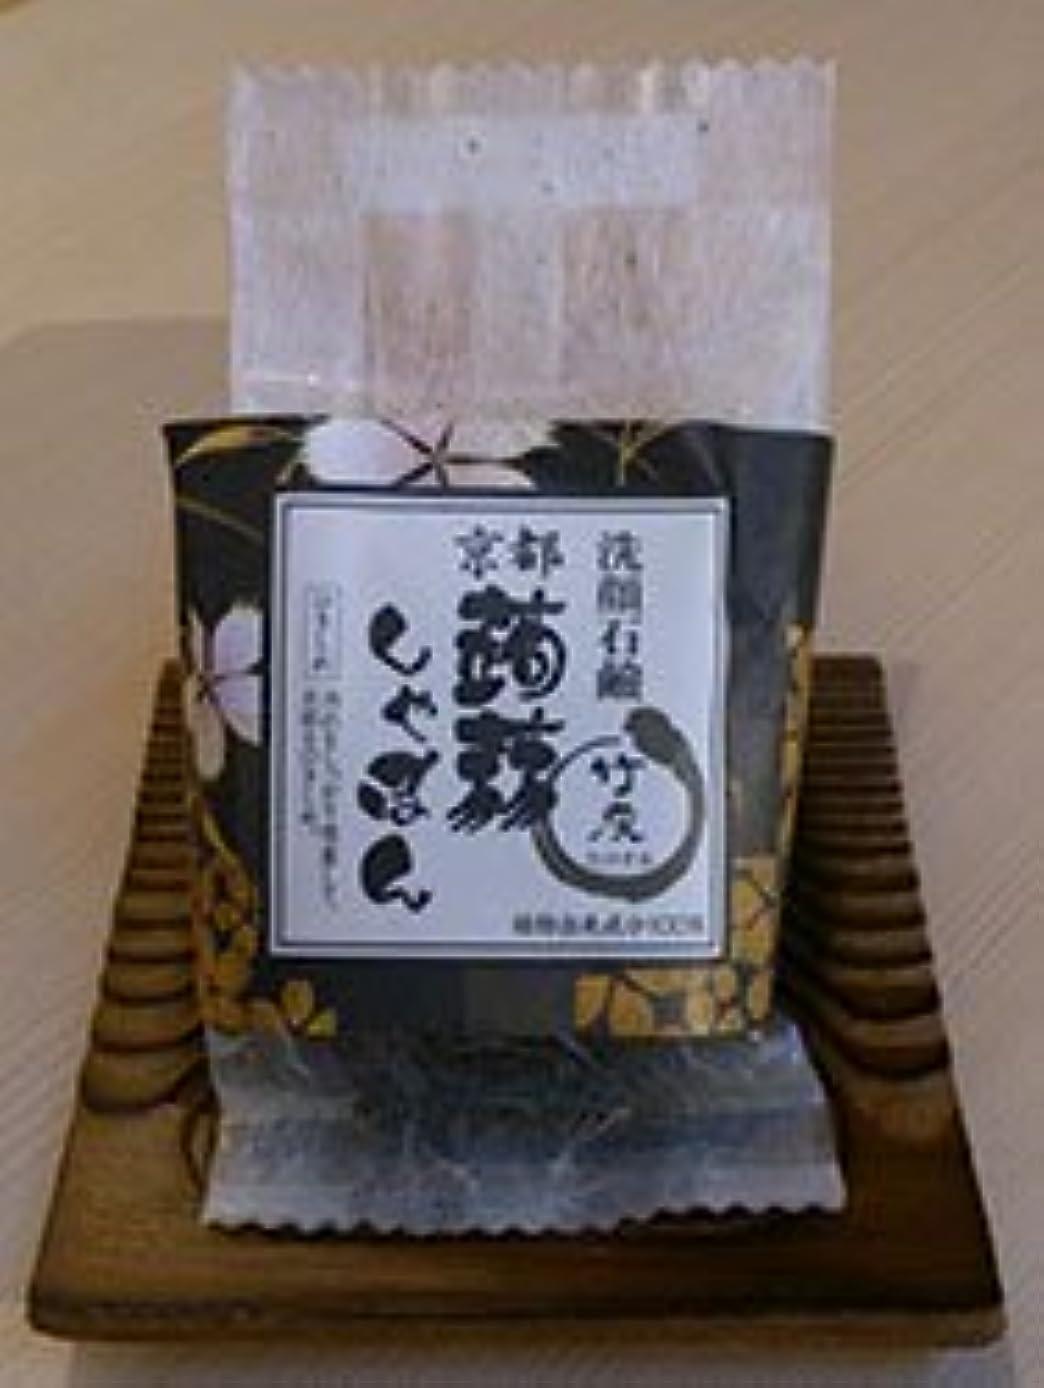 メンテナンススリム液化する京都蒟蒻しゃぼん「竹炭 たけすみ」